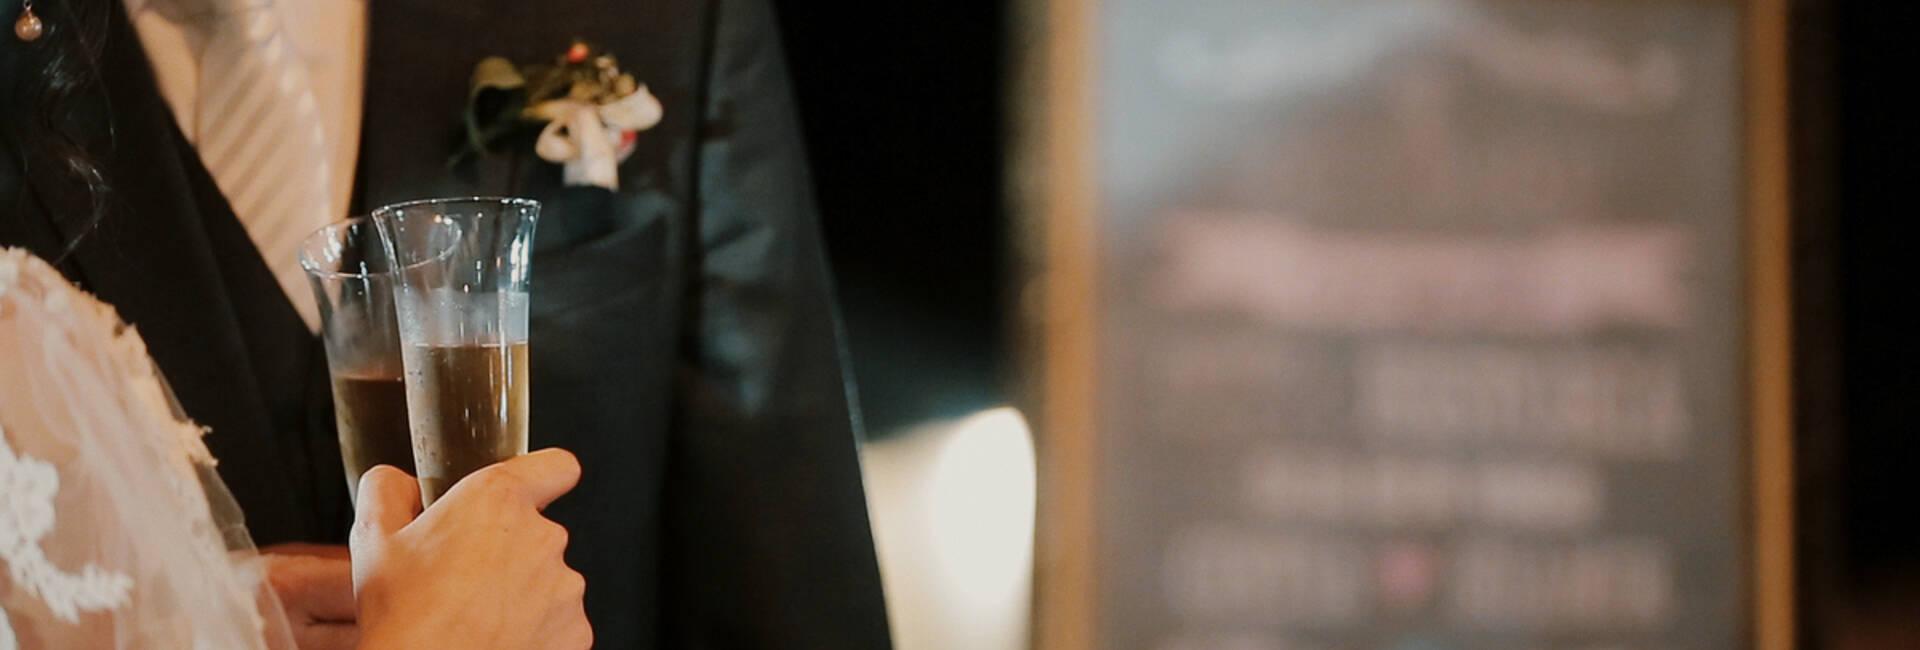 Trailer de Casamento de Cíntia e Suamir